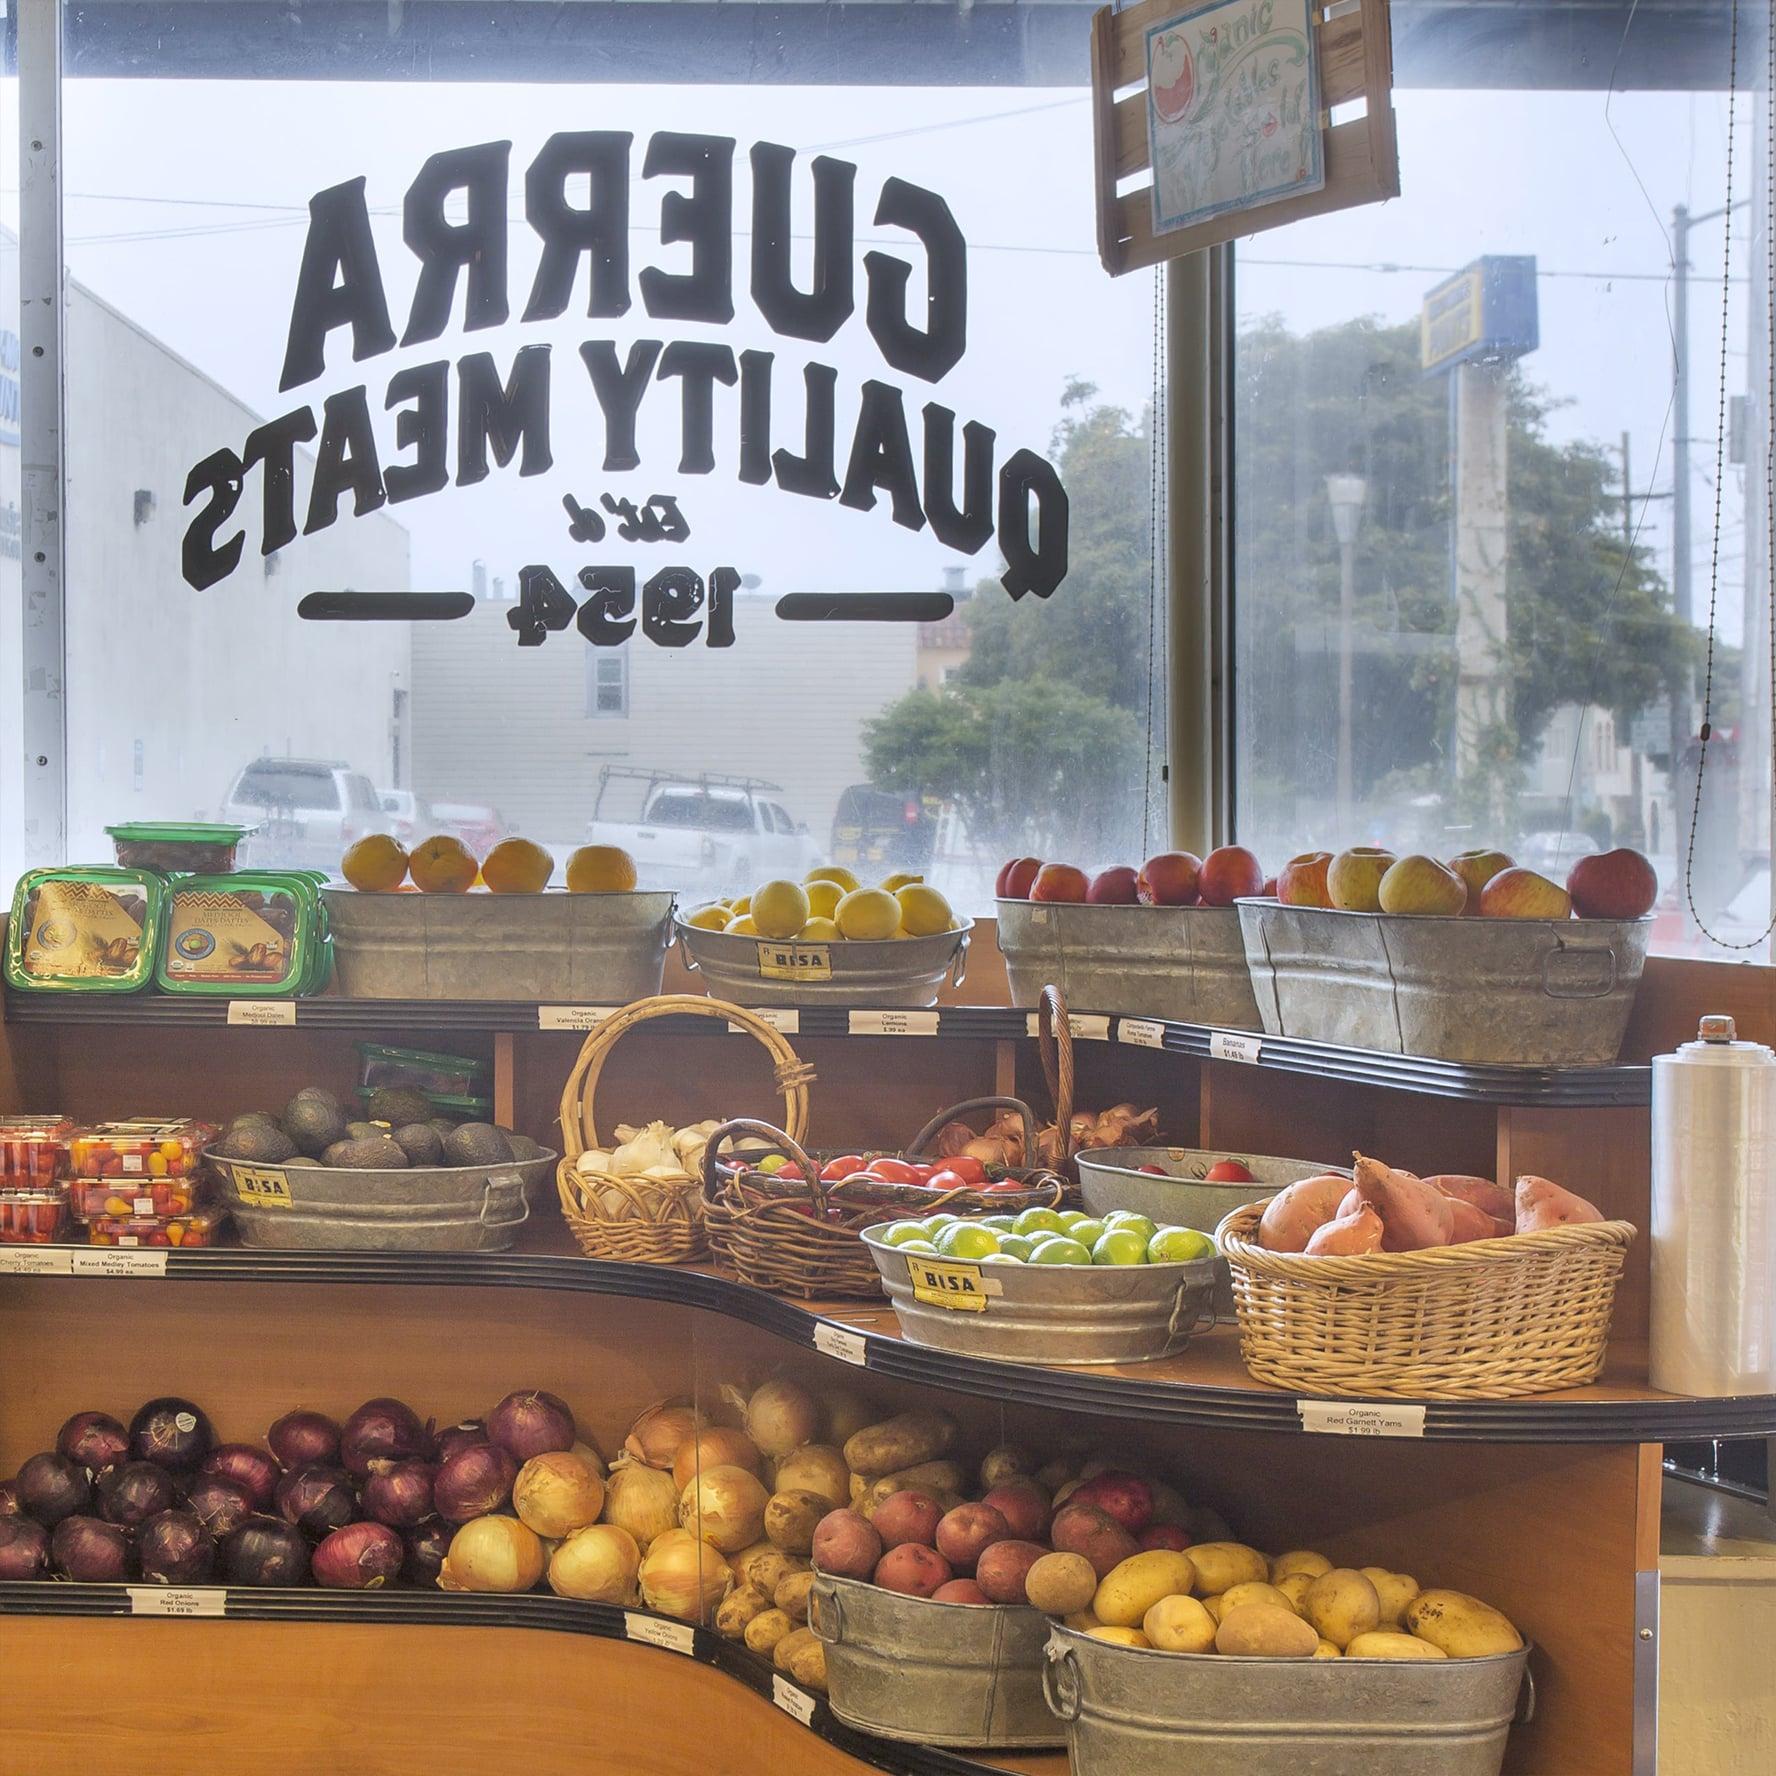 groceries_produce.jpg